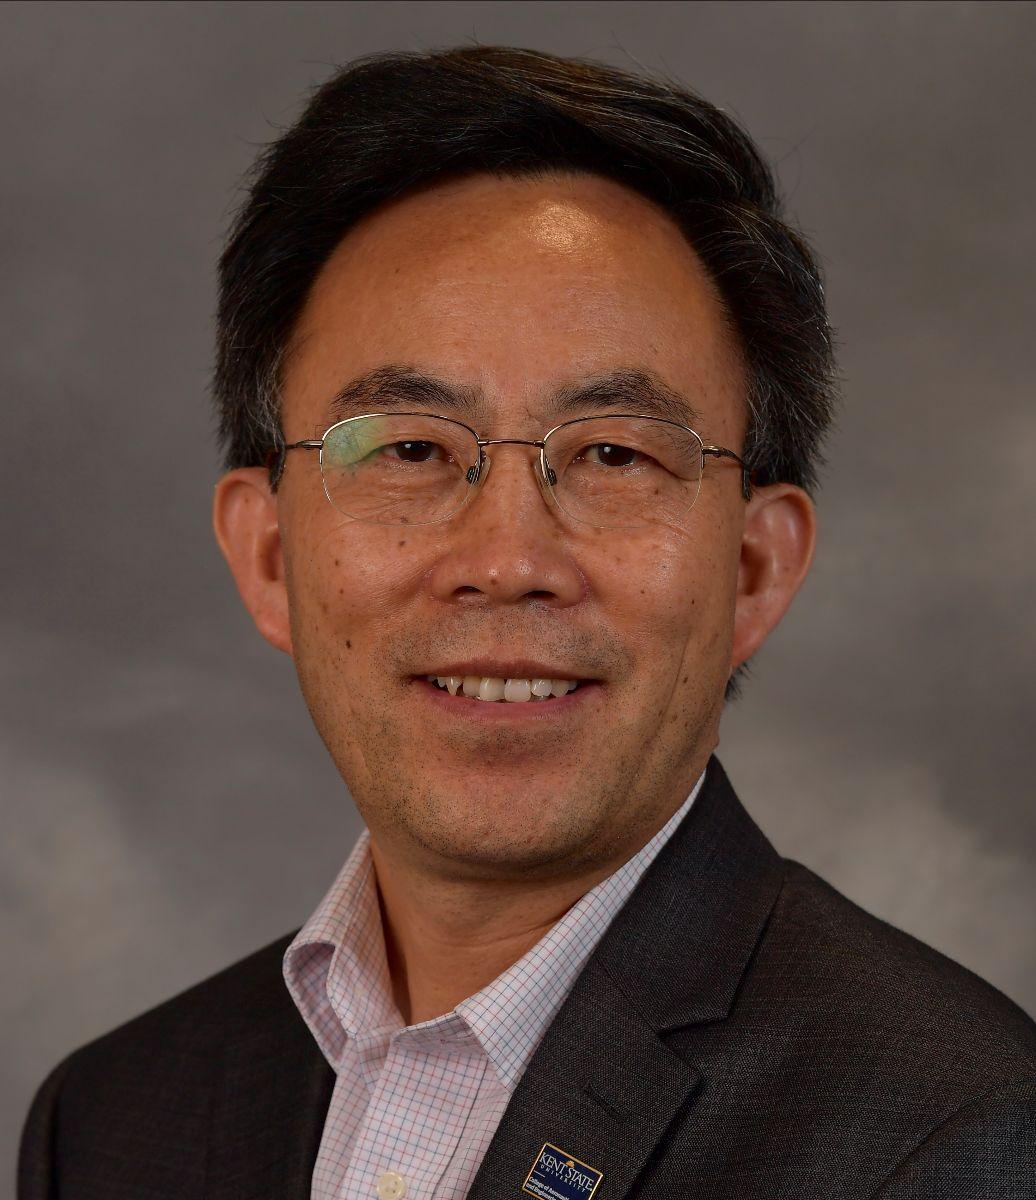 Yanhai Du, Ph.D., Associate Professor in the College of Aeronautics and Engineering